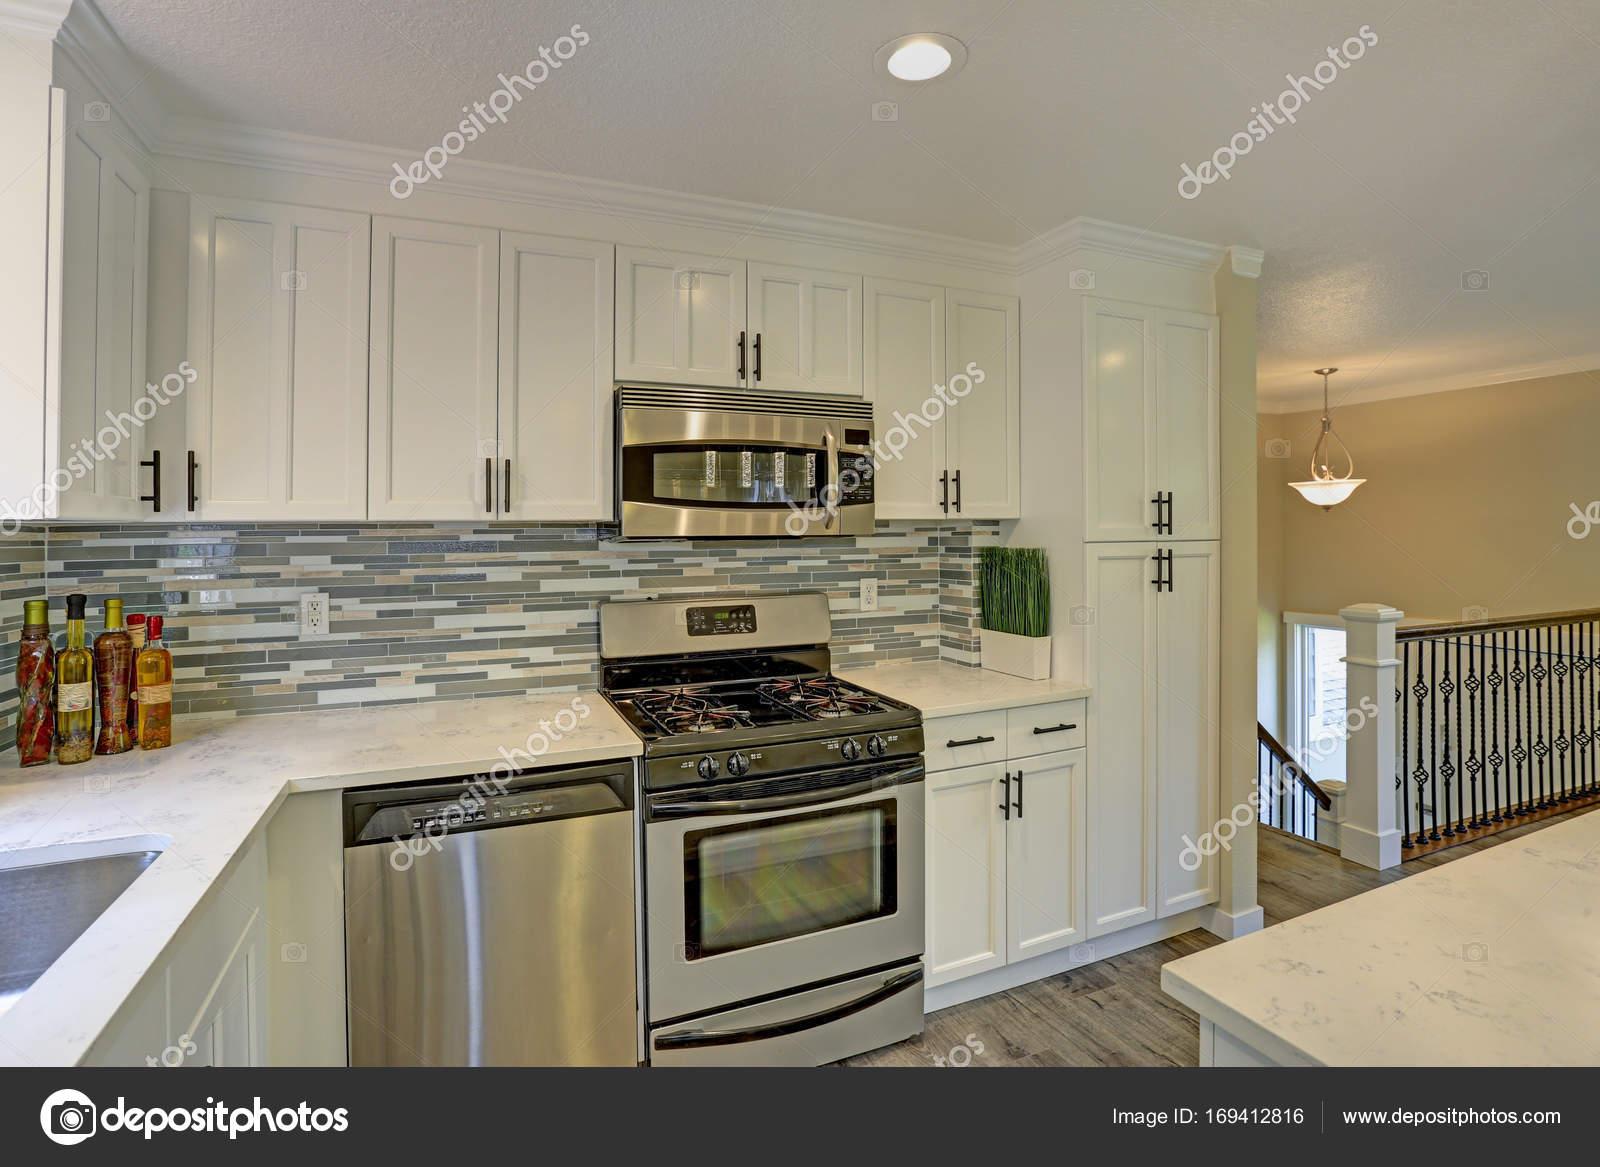 Hermoso segundo piso blanco cocina — Foto de stock © alabn #169412816